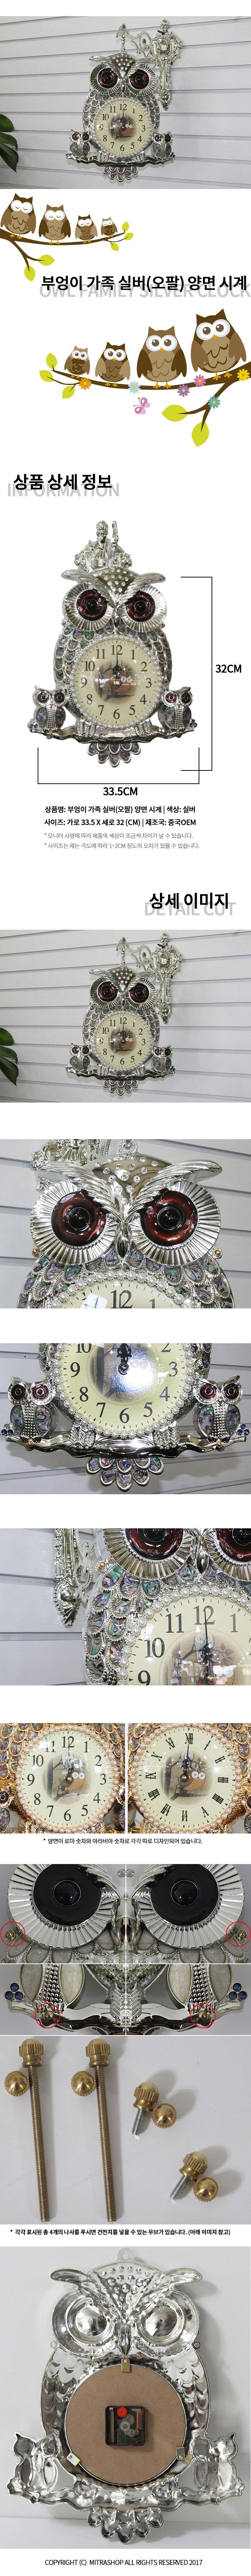 부엉이 실버 양면 시계 - 미트라샵, 119,400원, 양면시계, 앤틱